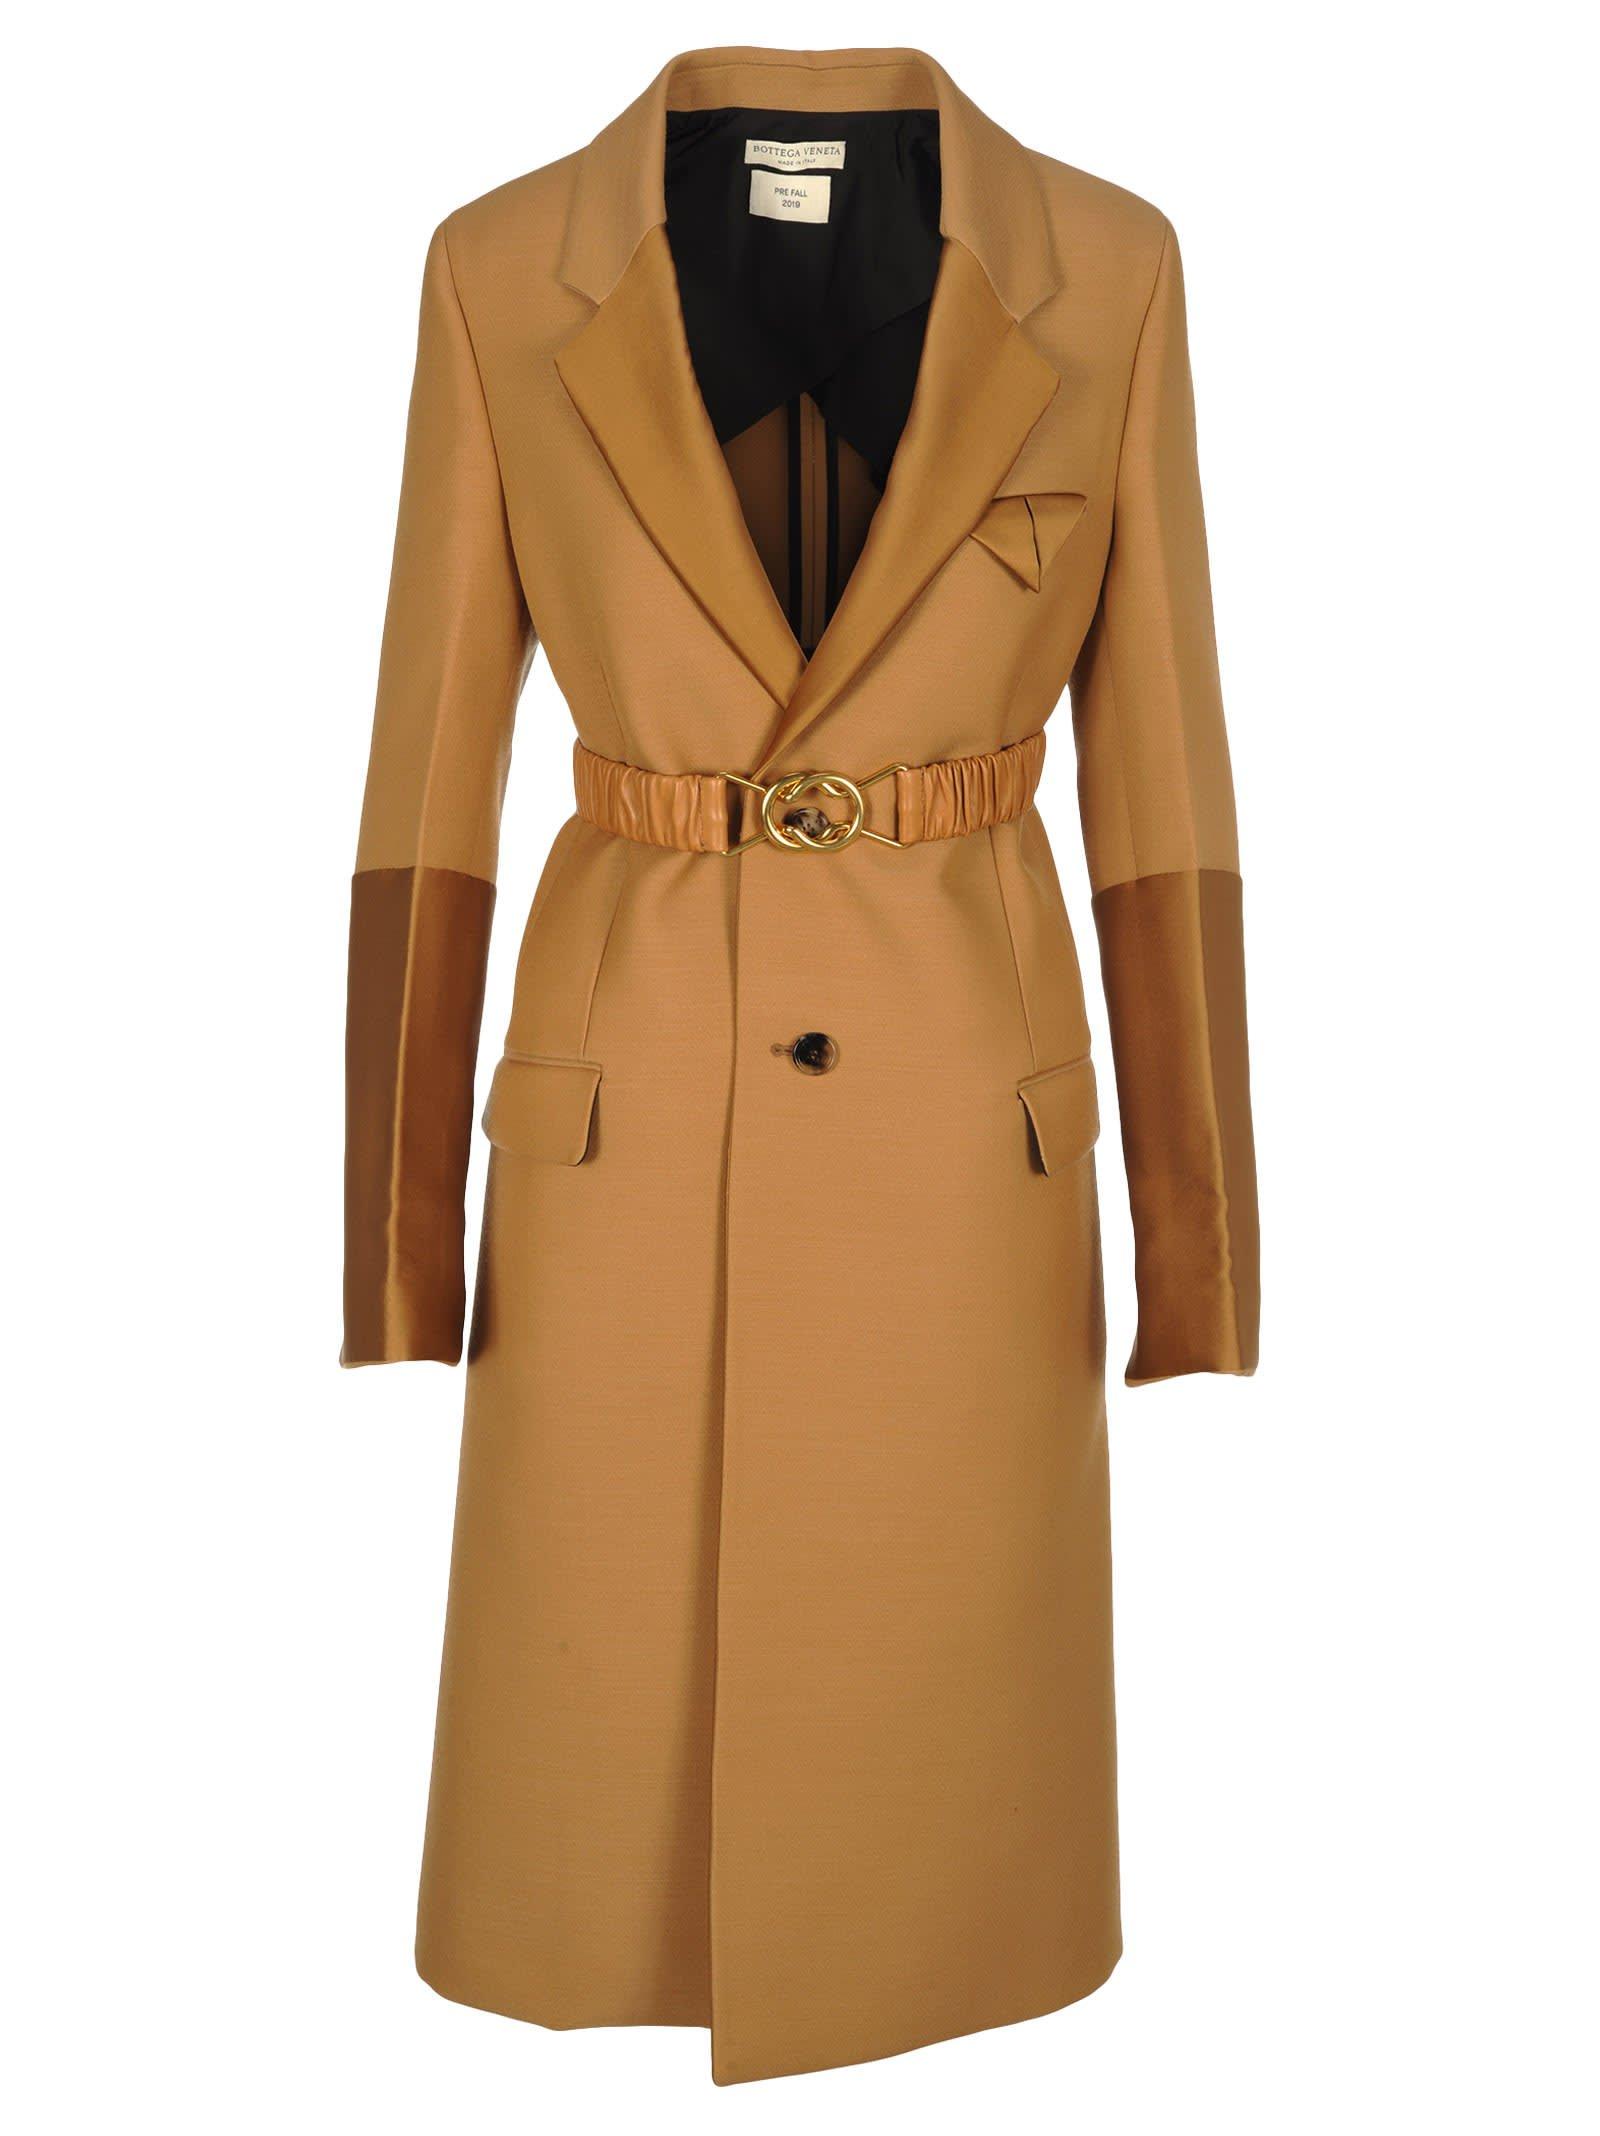 Bottega Veneta Wool Coat With Scuba Duchesse Details